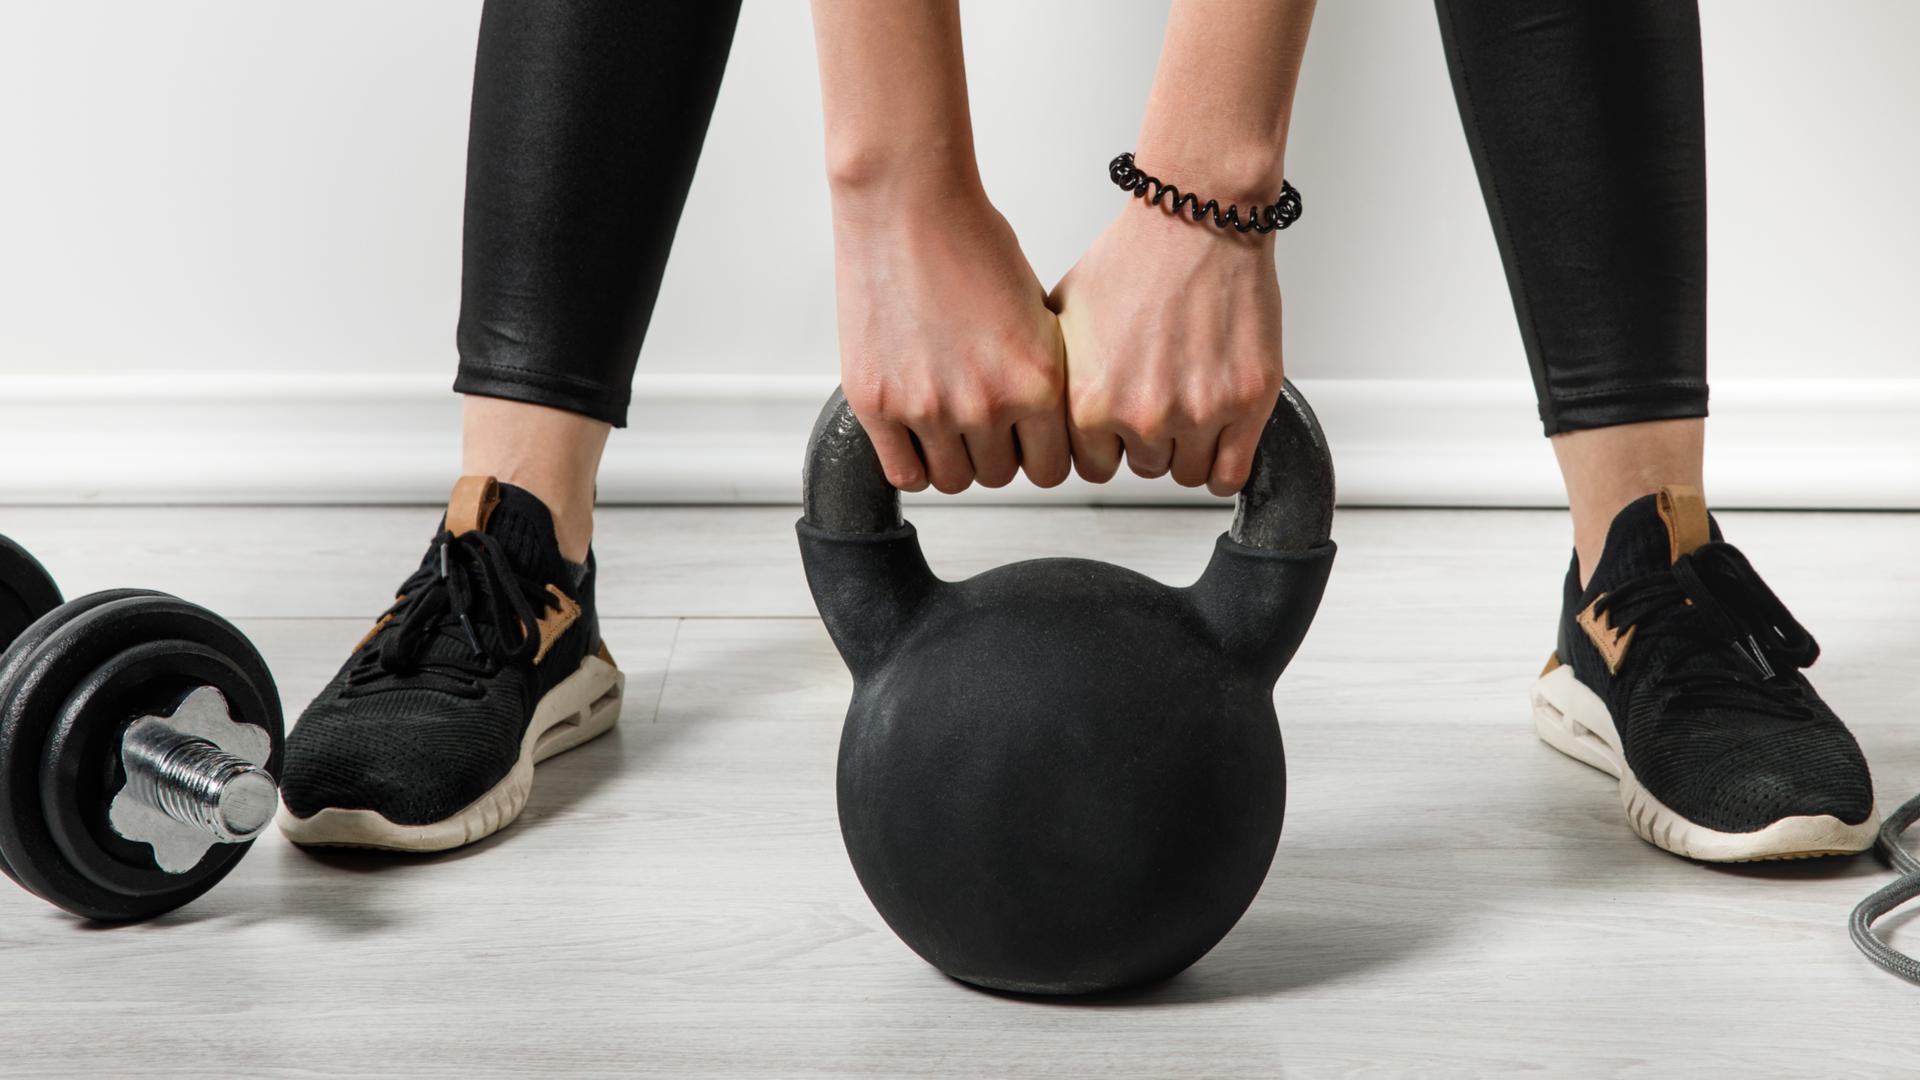 Exercício em casa: 5 itens para ajudar nas atividades físicas durante a quarentena